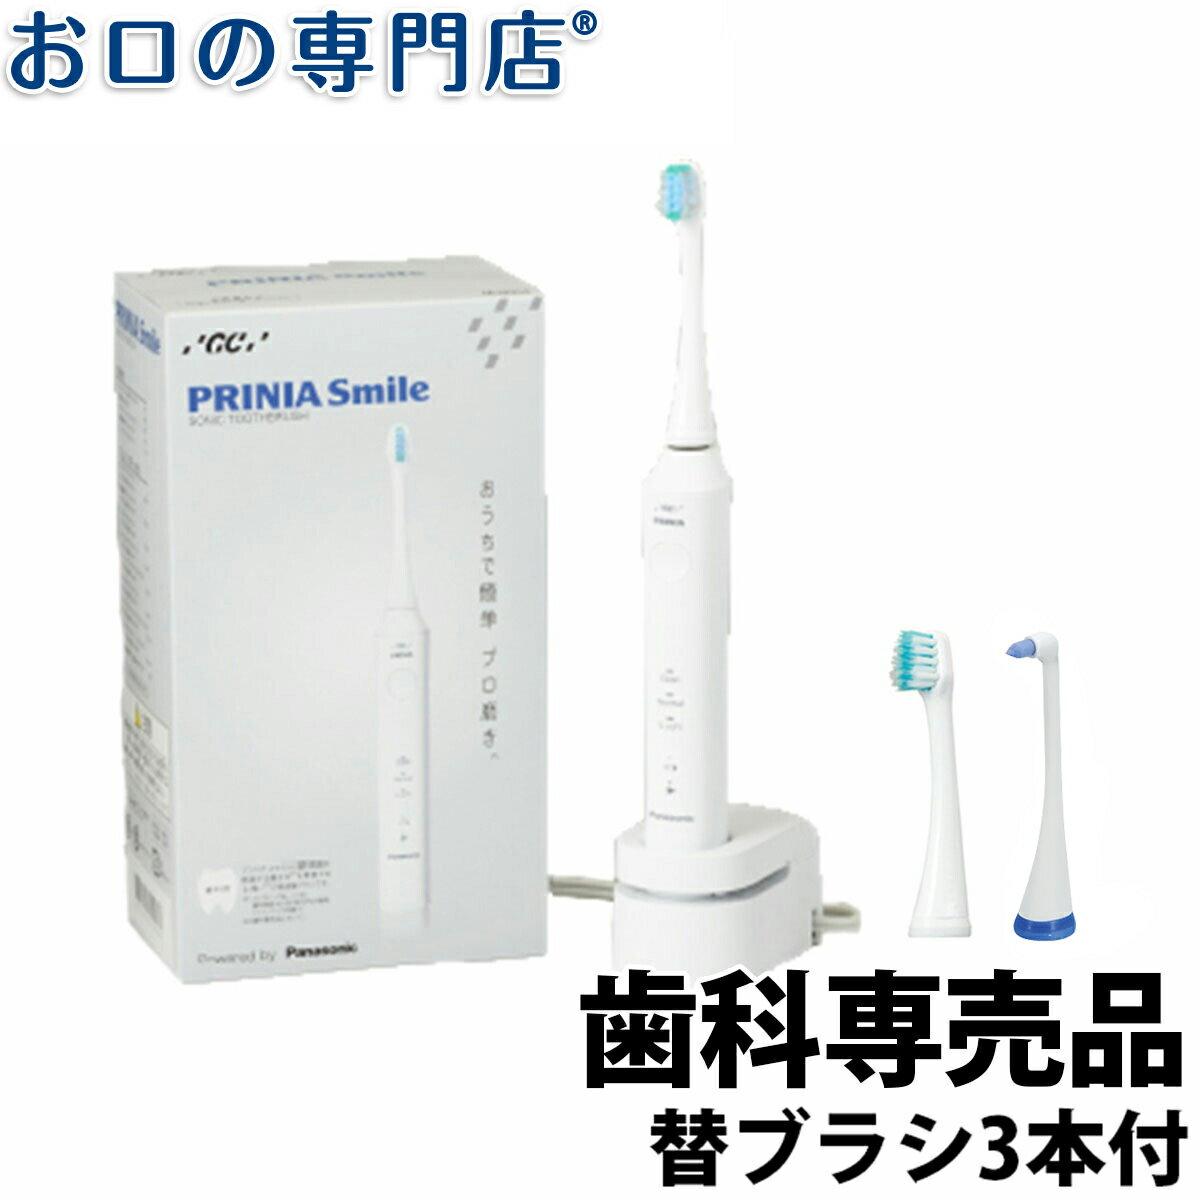 【送料無料】 ジーシー プリニア スマイル (MI-0004) 音波振動歯ブラシ×1台 GC PRINIA Smile 電動歯ブラシ 歯科専売品